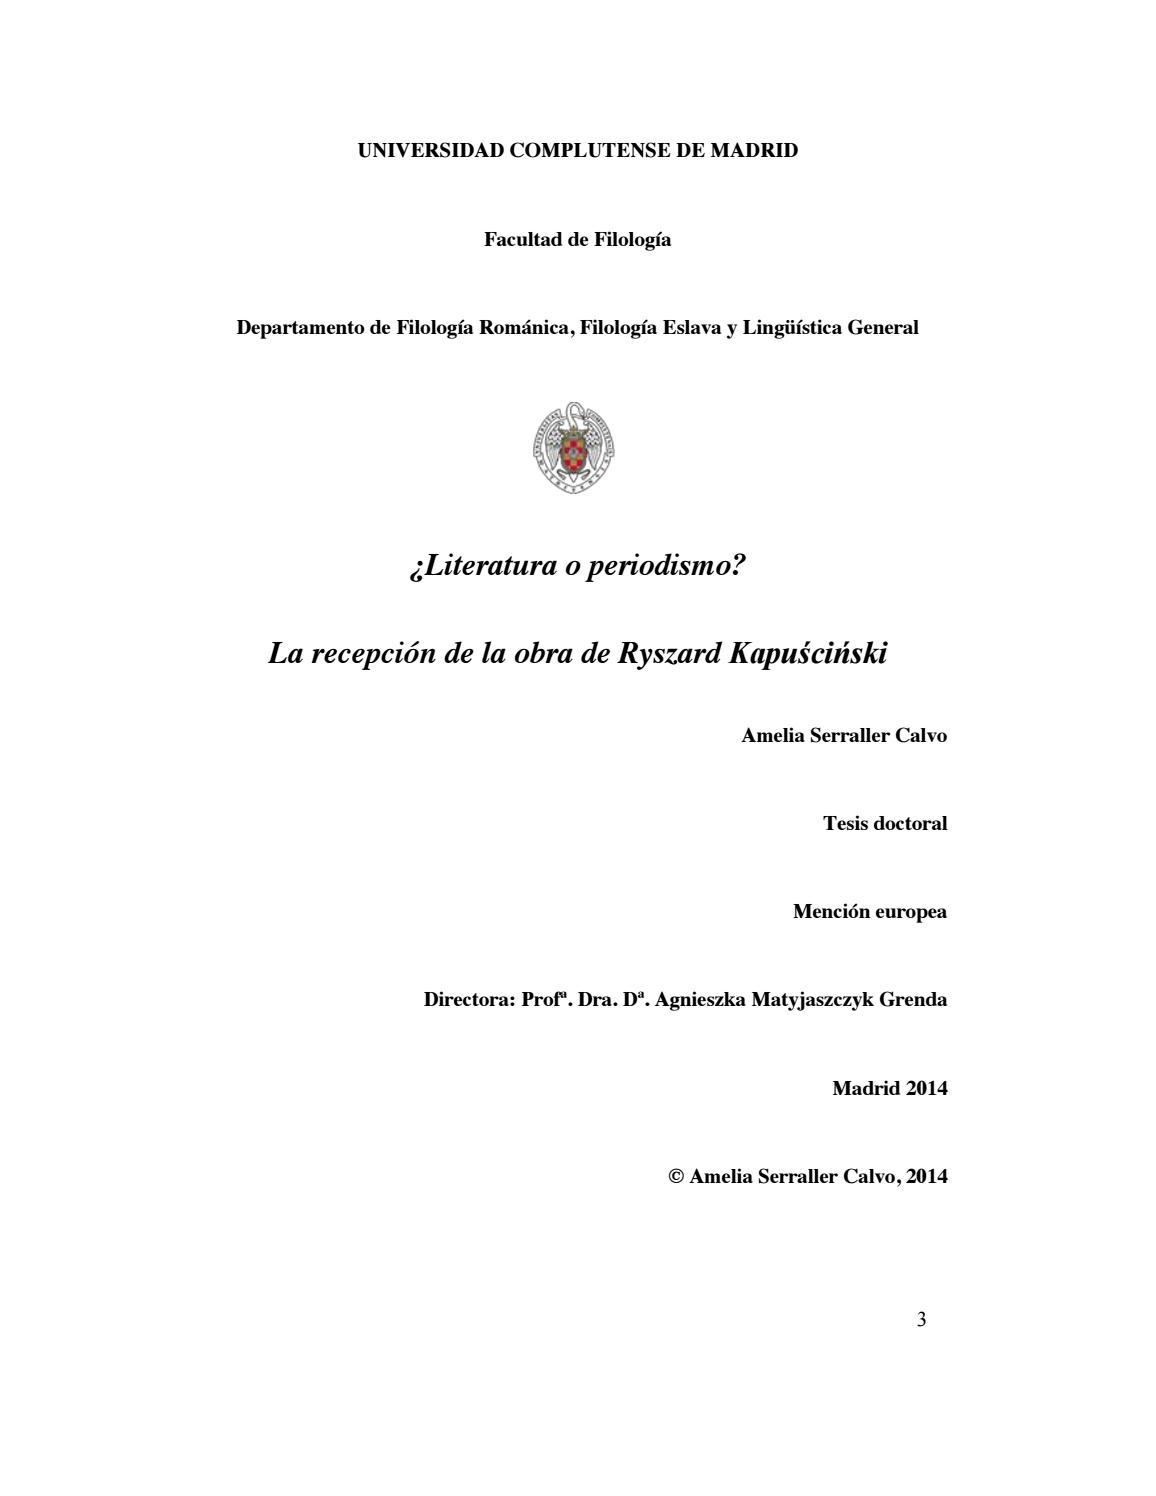 Literatura O Periodismo La Recepción De La Obra De Ryzard